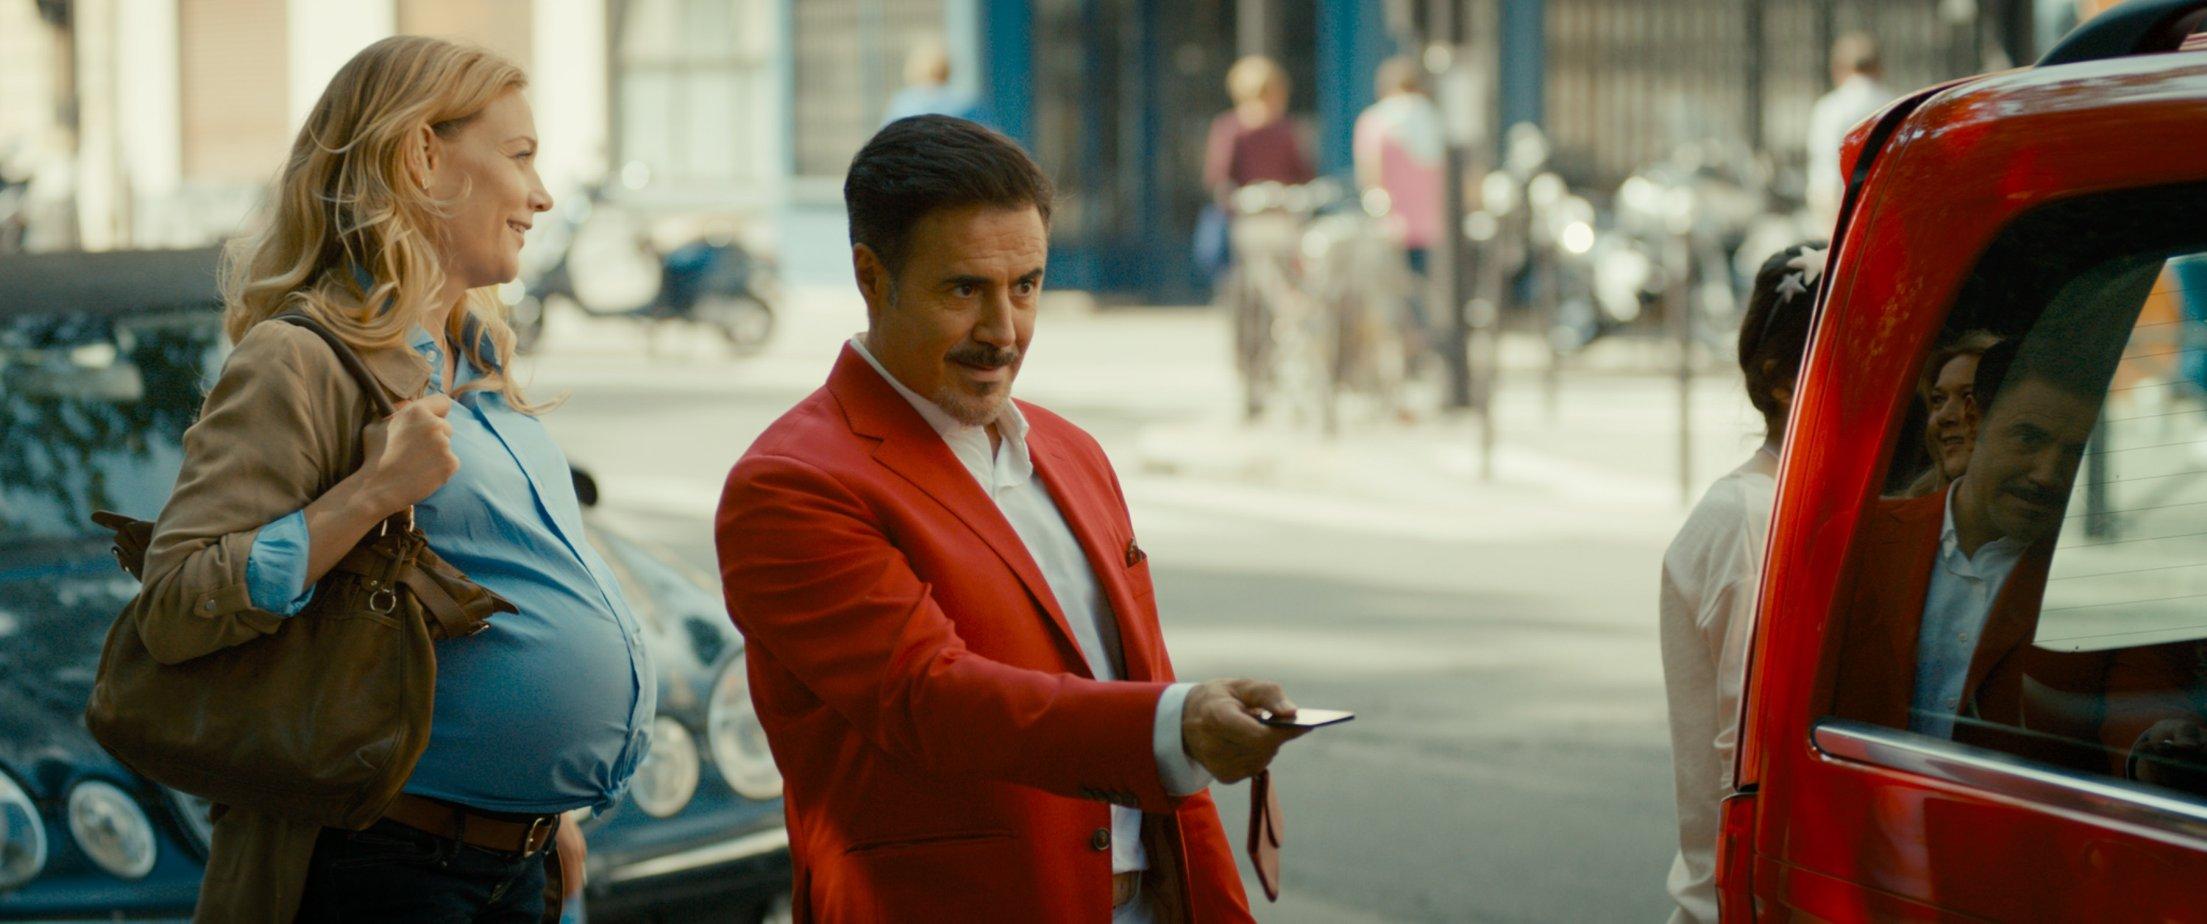 Без тормозов фильм 2018 смотреть в хорошем качестве hd 1080